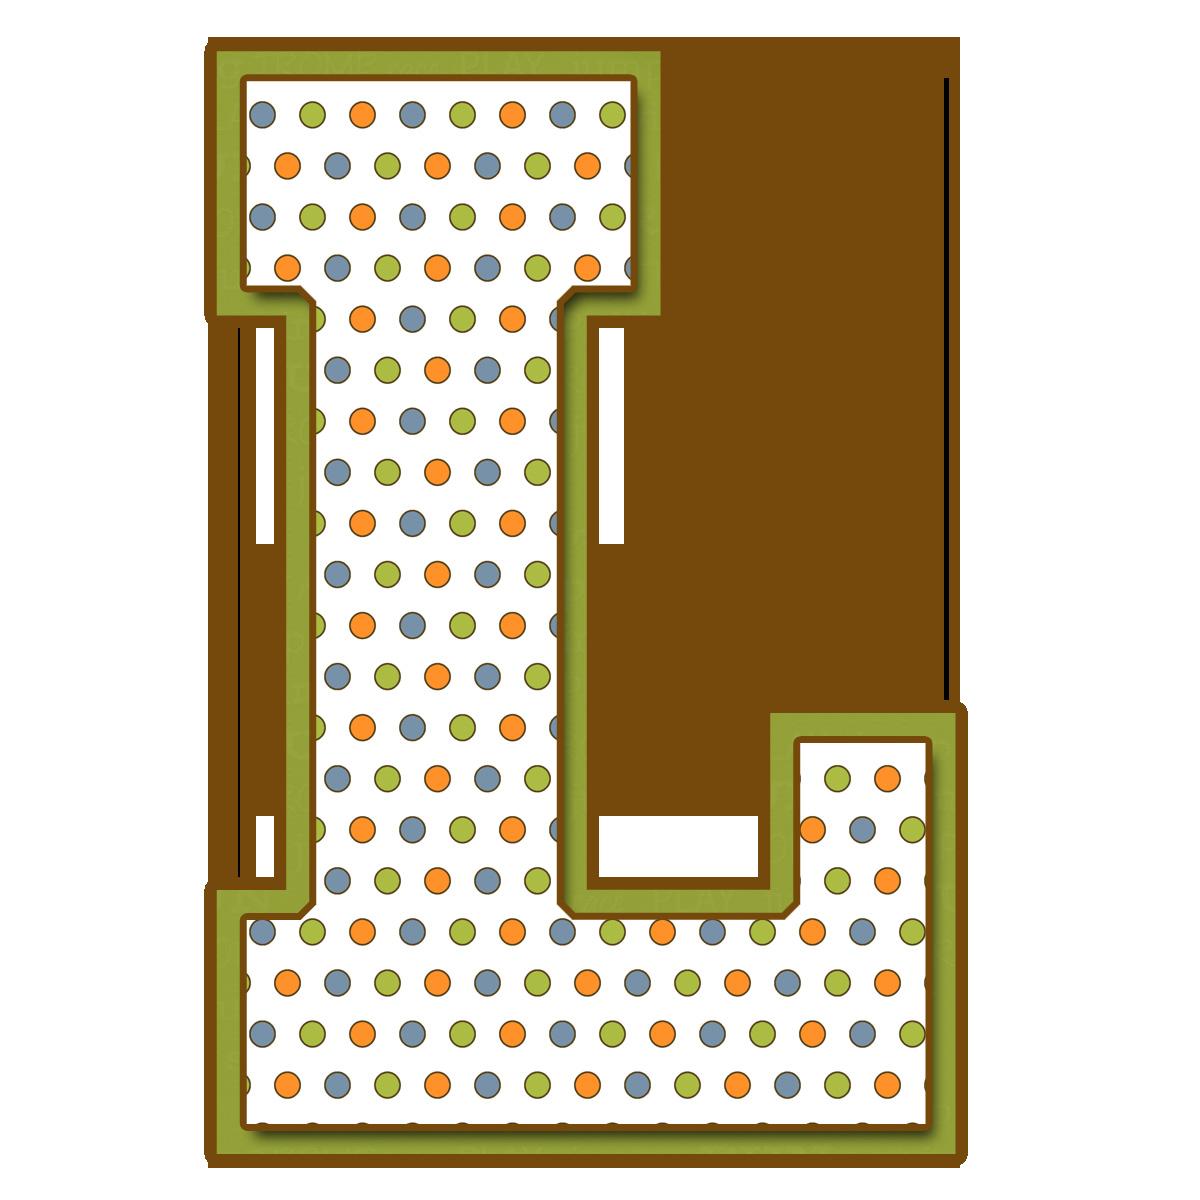 Letras may sculas para imprimir de bolitas de colores letra l el alfabeto con sus letras - Figuras decorativas grandes ...